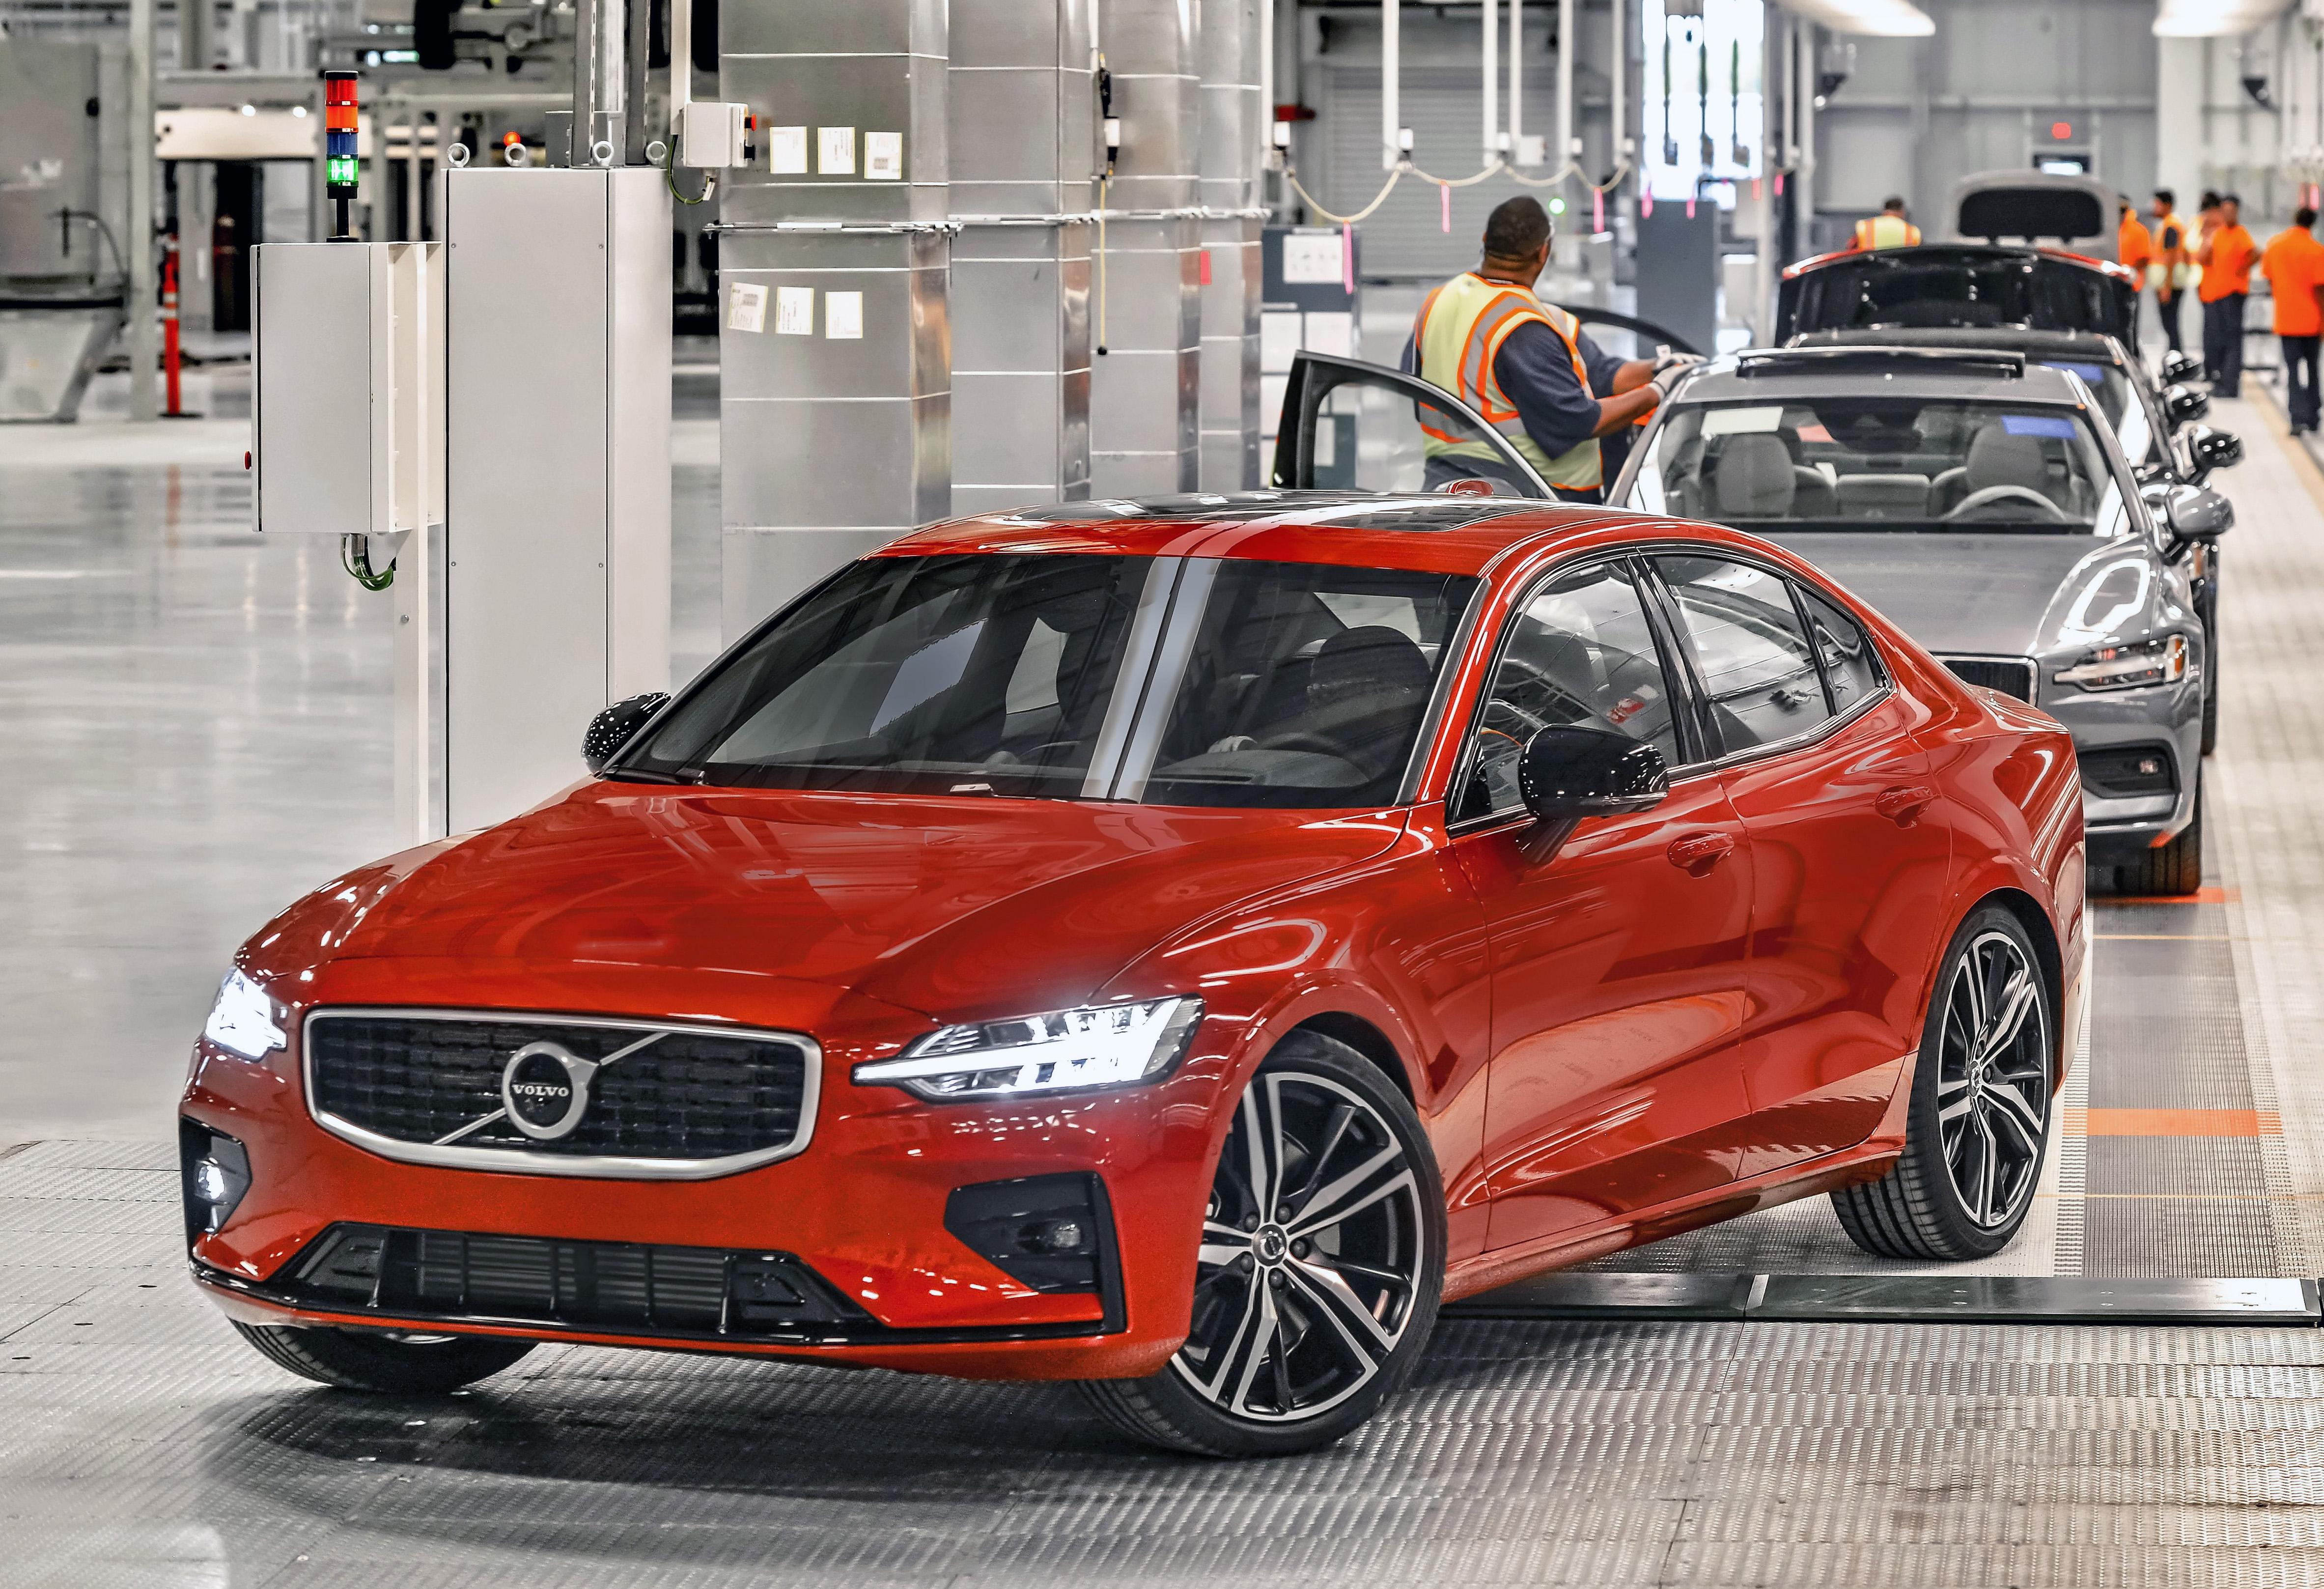 S60 luxury sedan